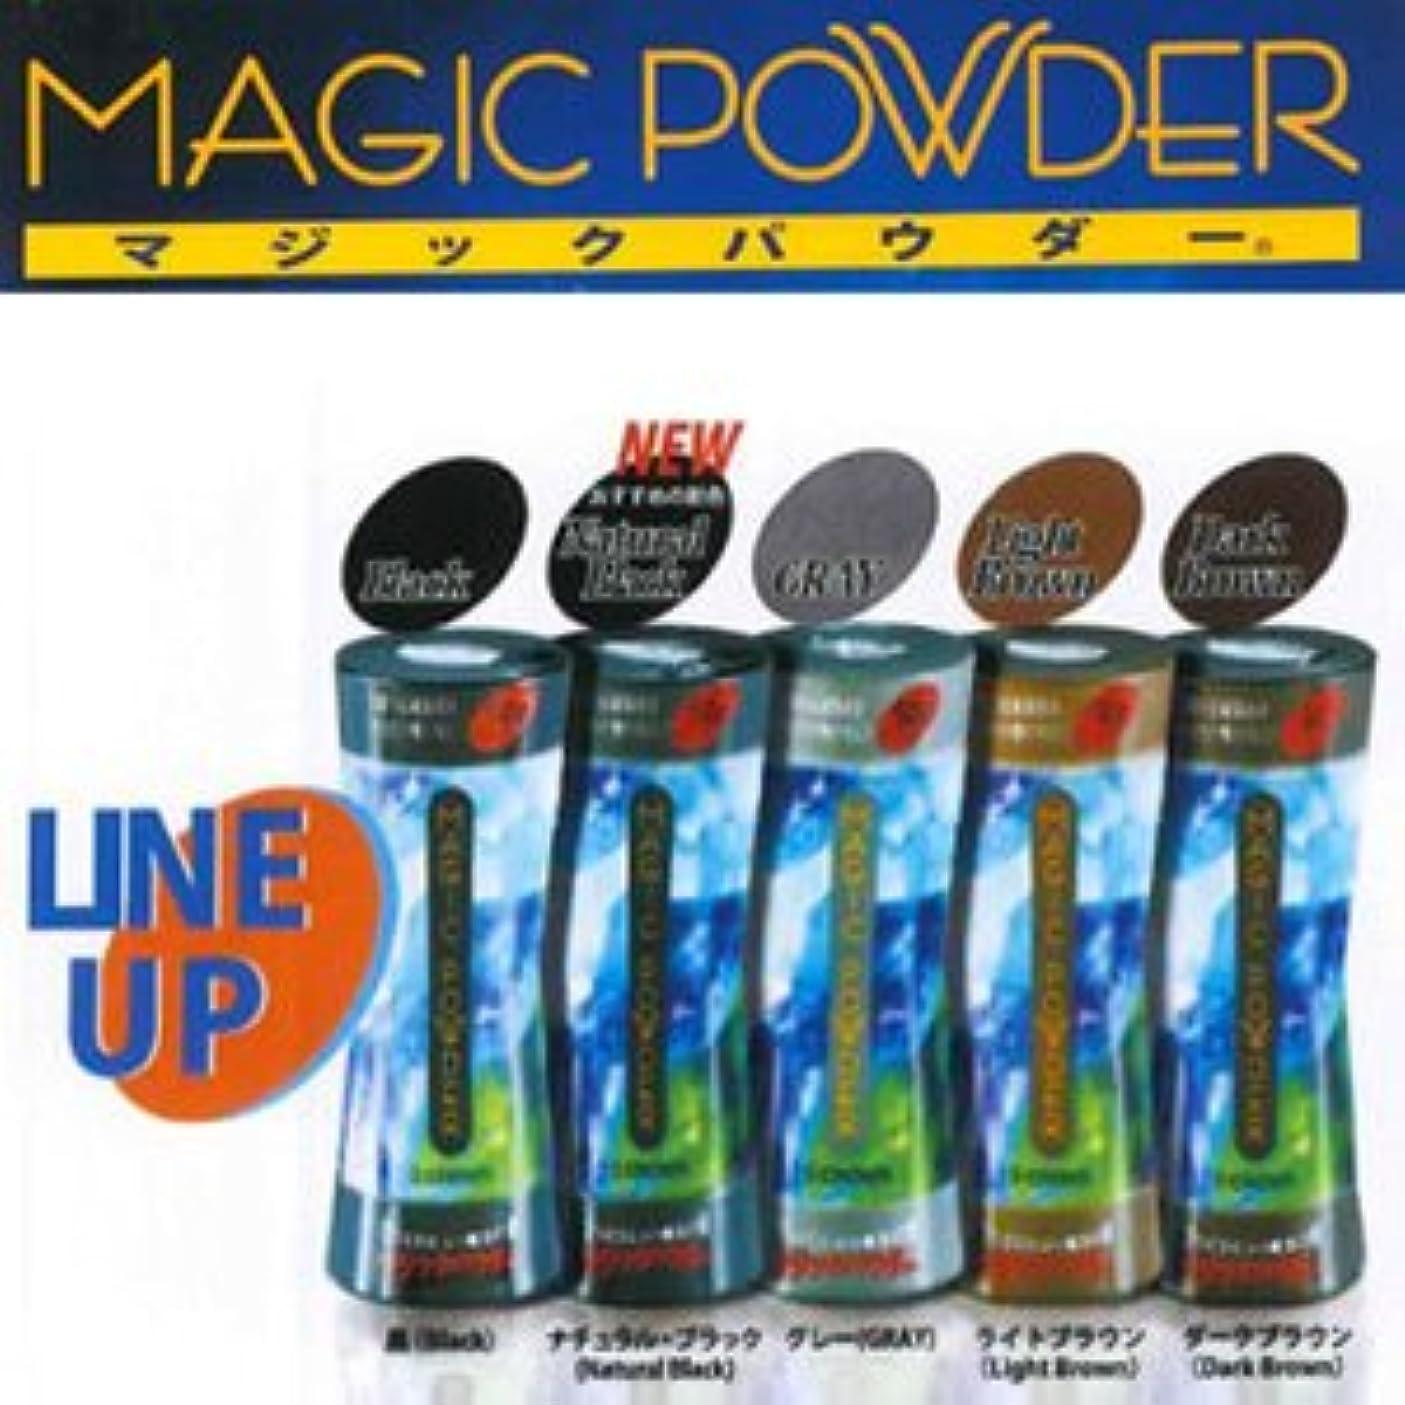 週間プロポーショナルカーフMAGIC POWDER マジックパウダー ダークブラウン 50g  ※貴方の髪を簡単ボリュームアップ!